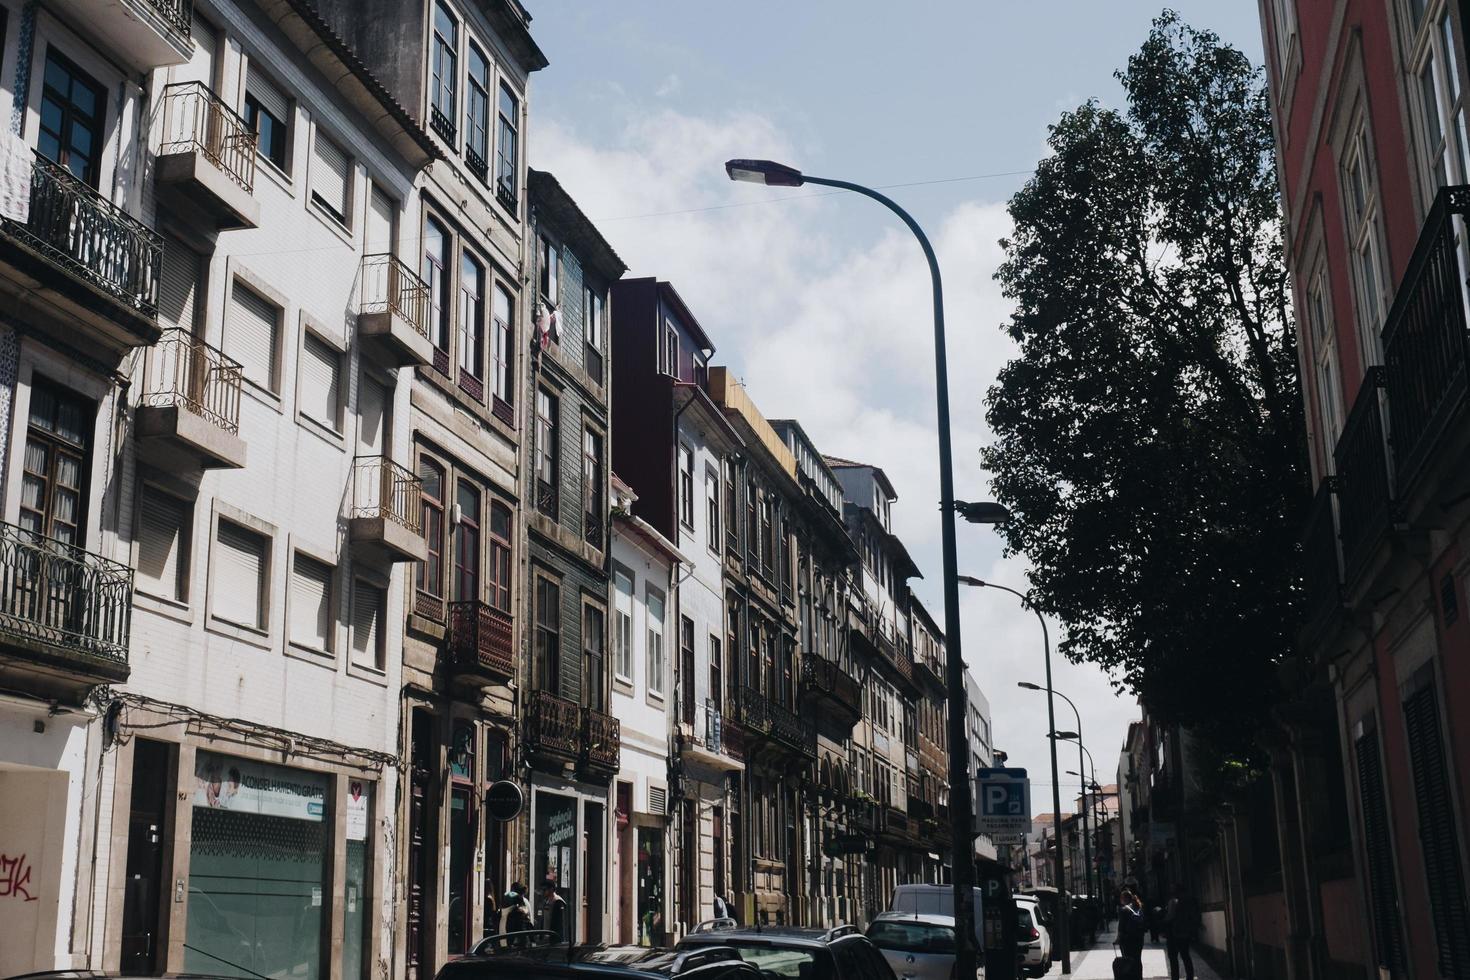 vista del paesaggio urbano di lampione foto